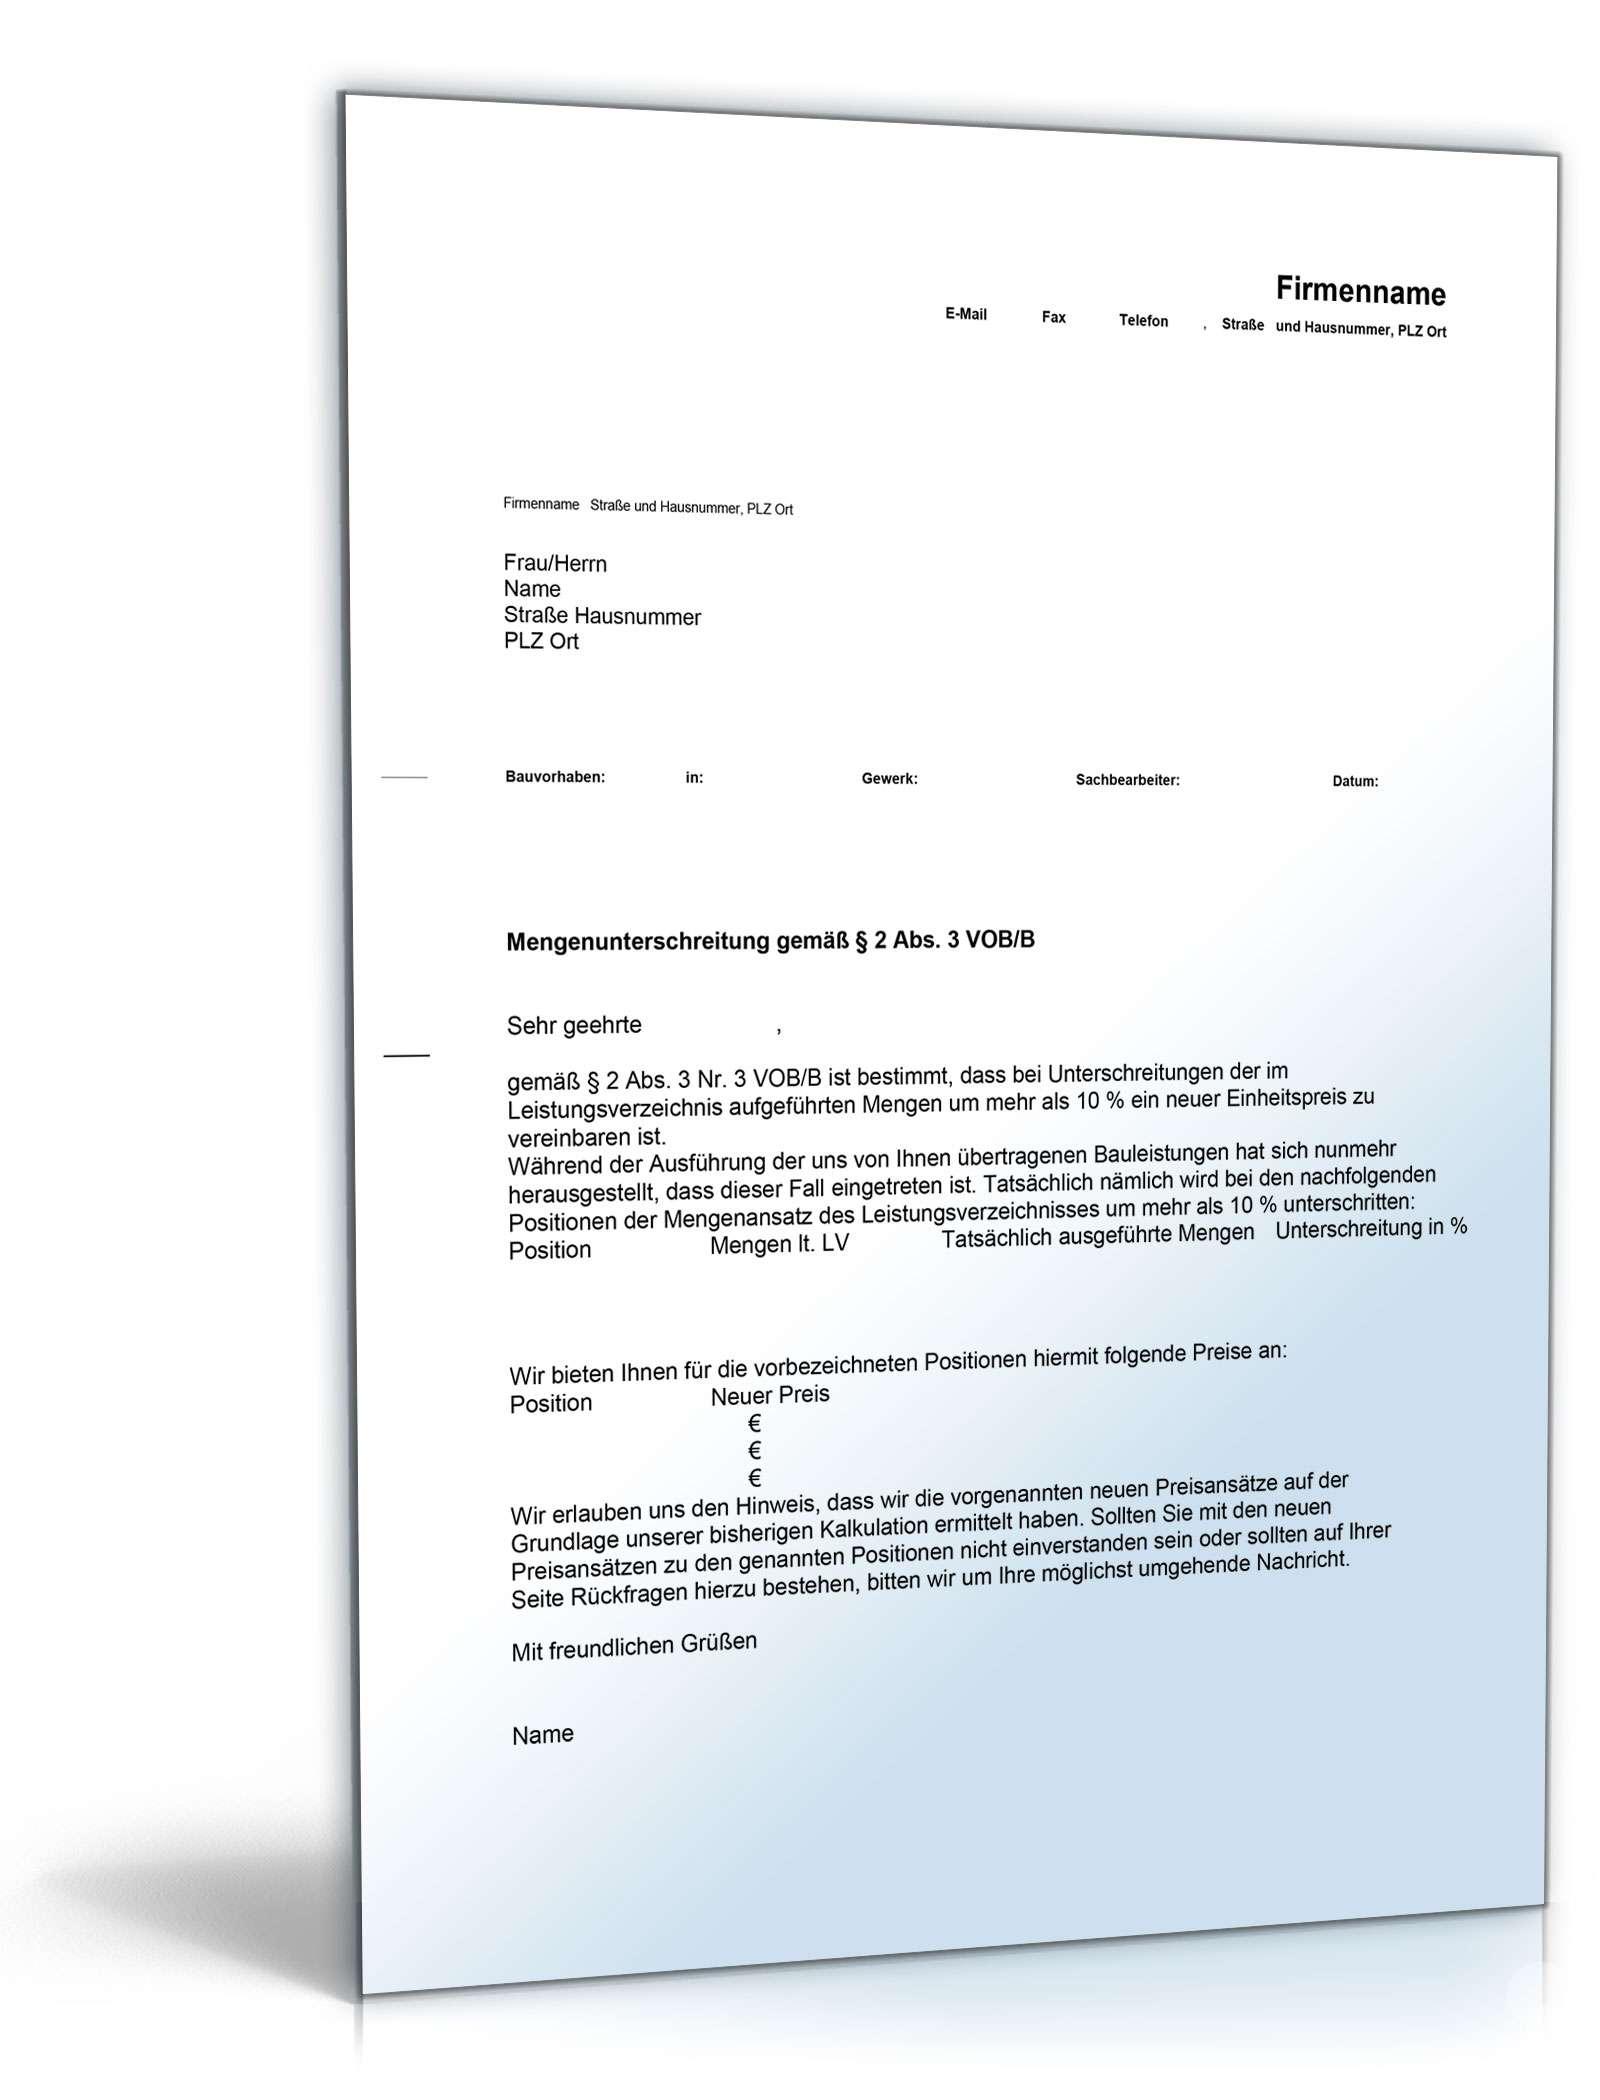 Widerspruch Preiserhohung Gasversorger Muster Zum Download 13